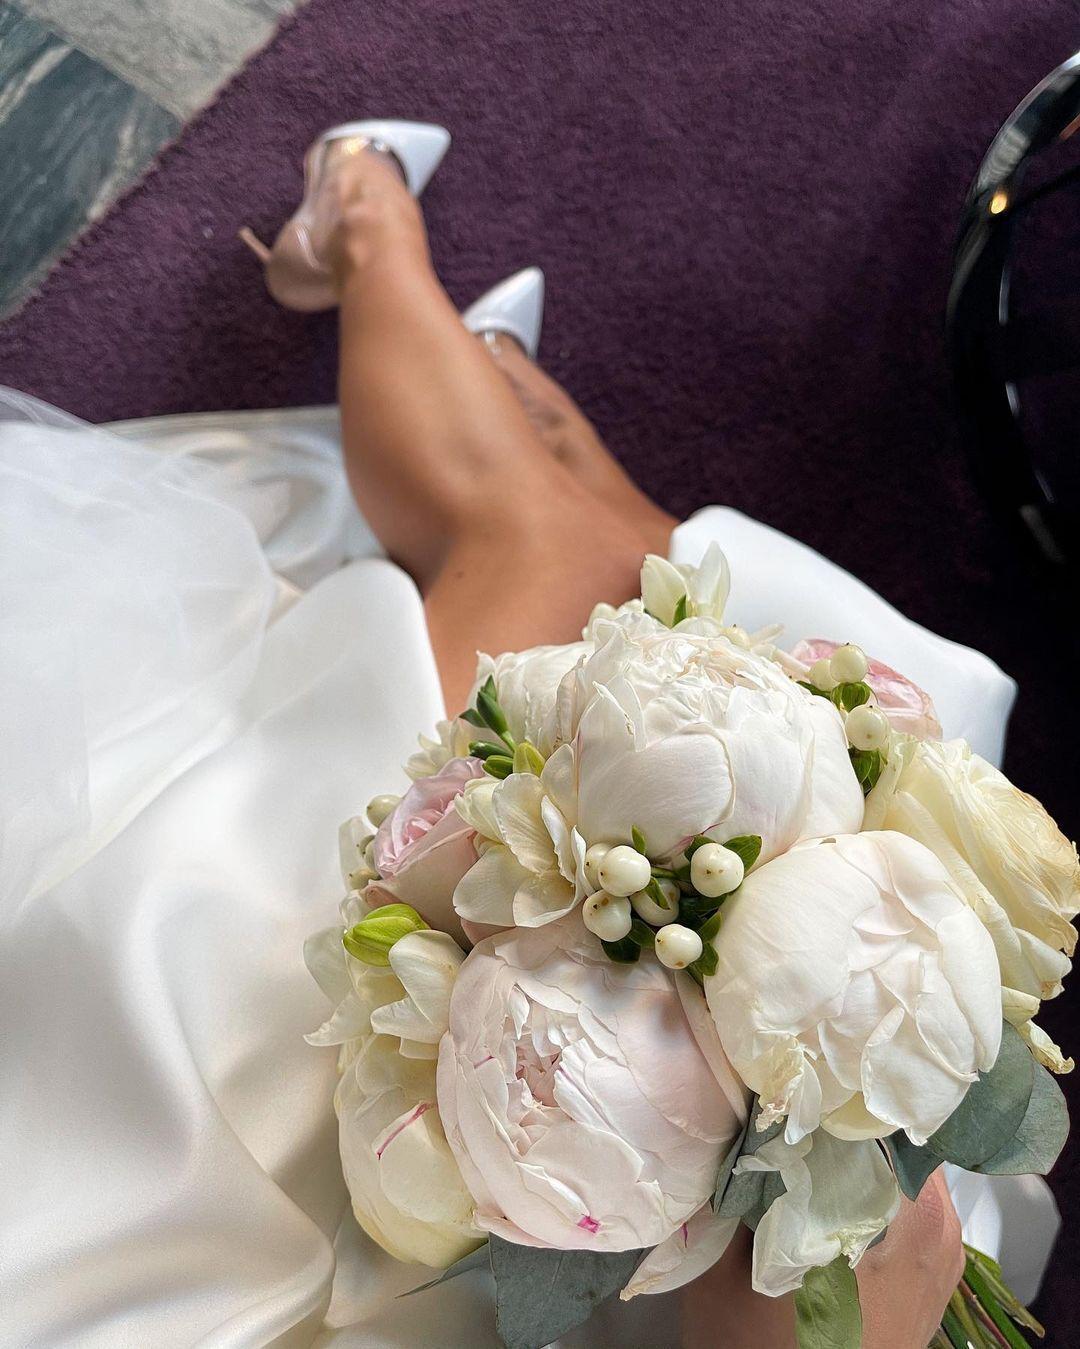 Ноги нареченої